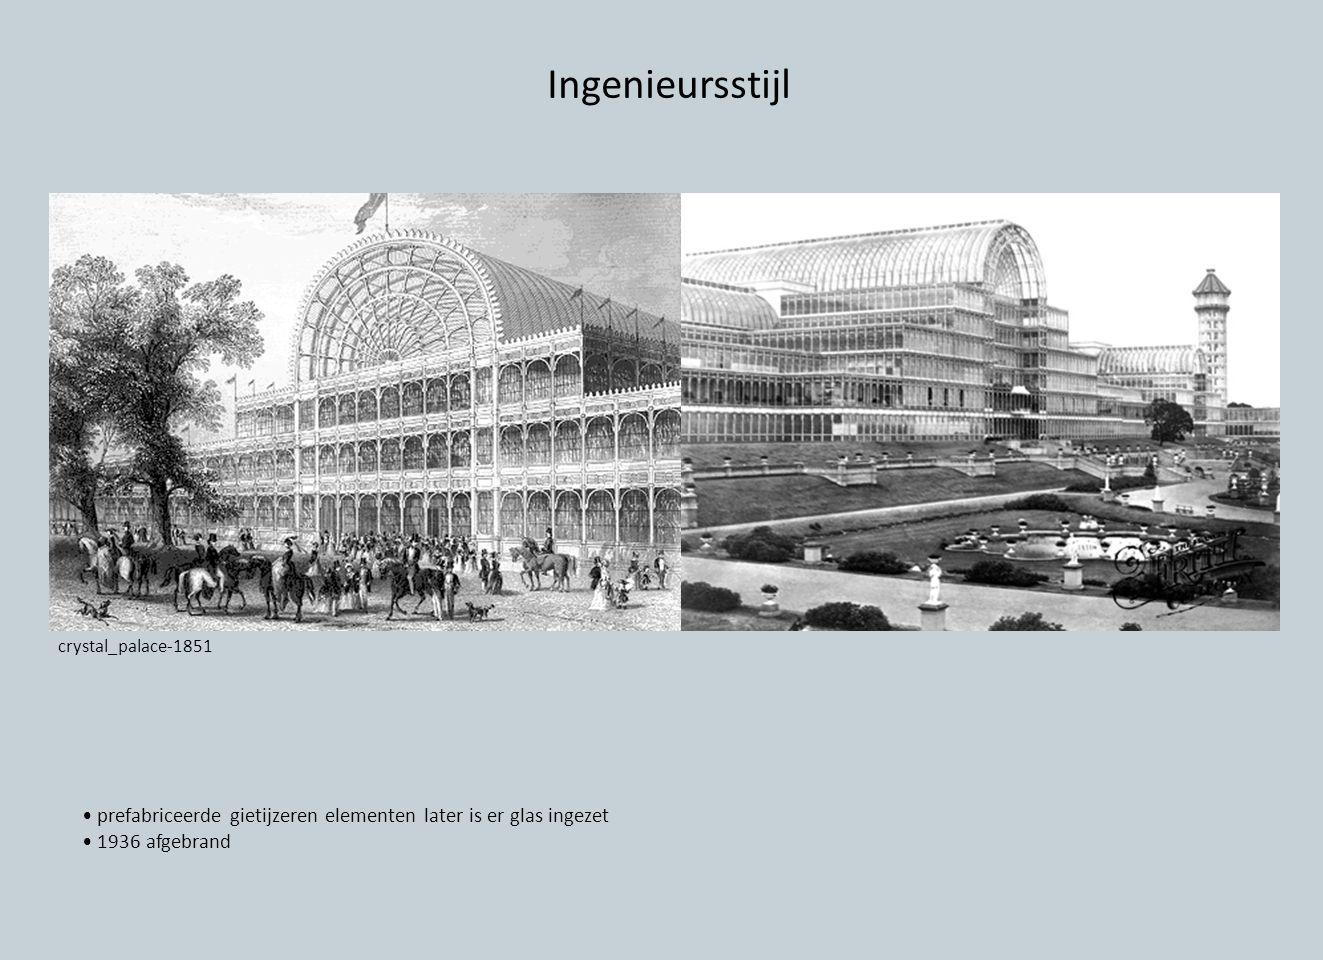 Ingenieursstijl prefabriceerde gietijzeren elementen later is er glas ingezet 1936 afgebrand crystal_palace-1851